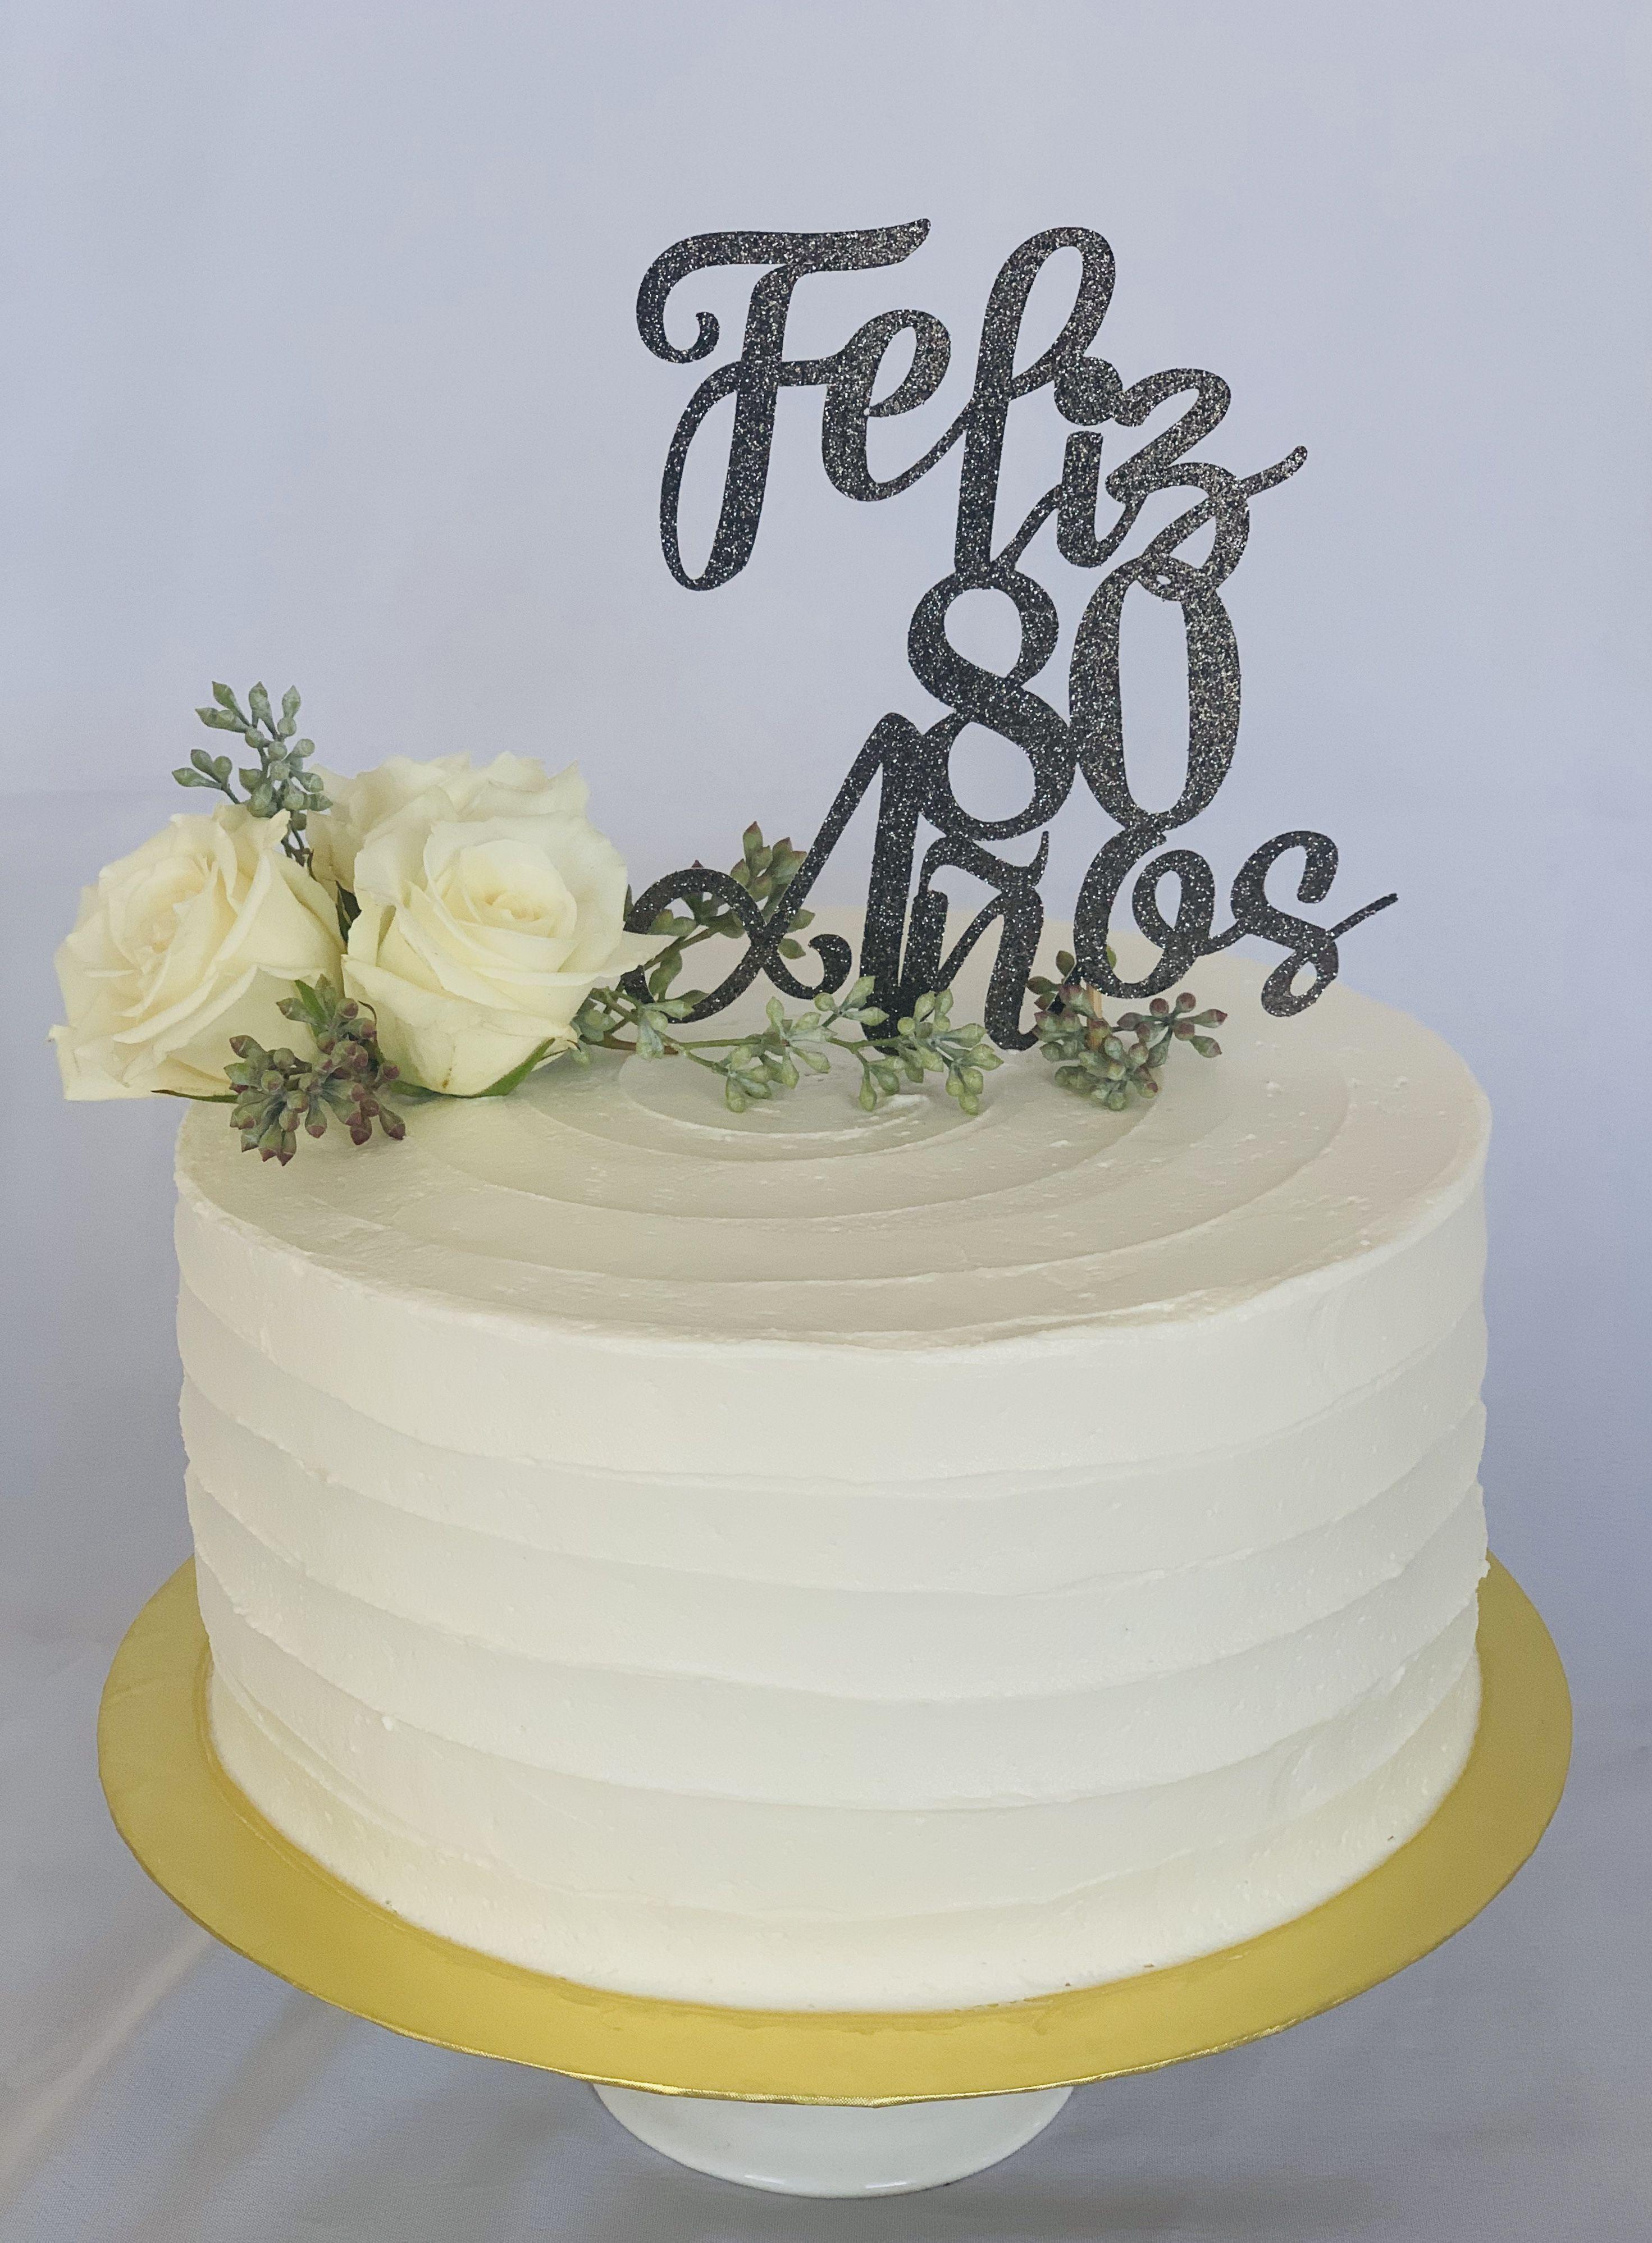 Buttercream Birthday Cake for Him Birthday cake for him